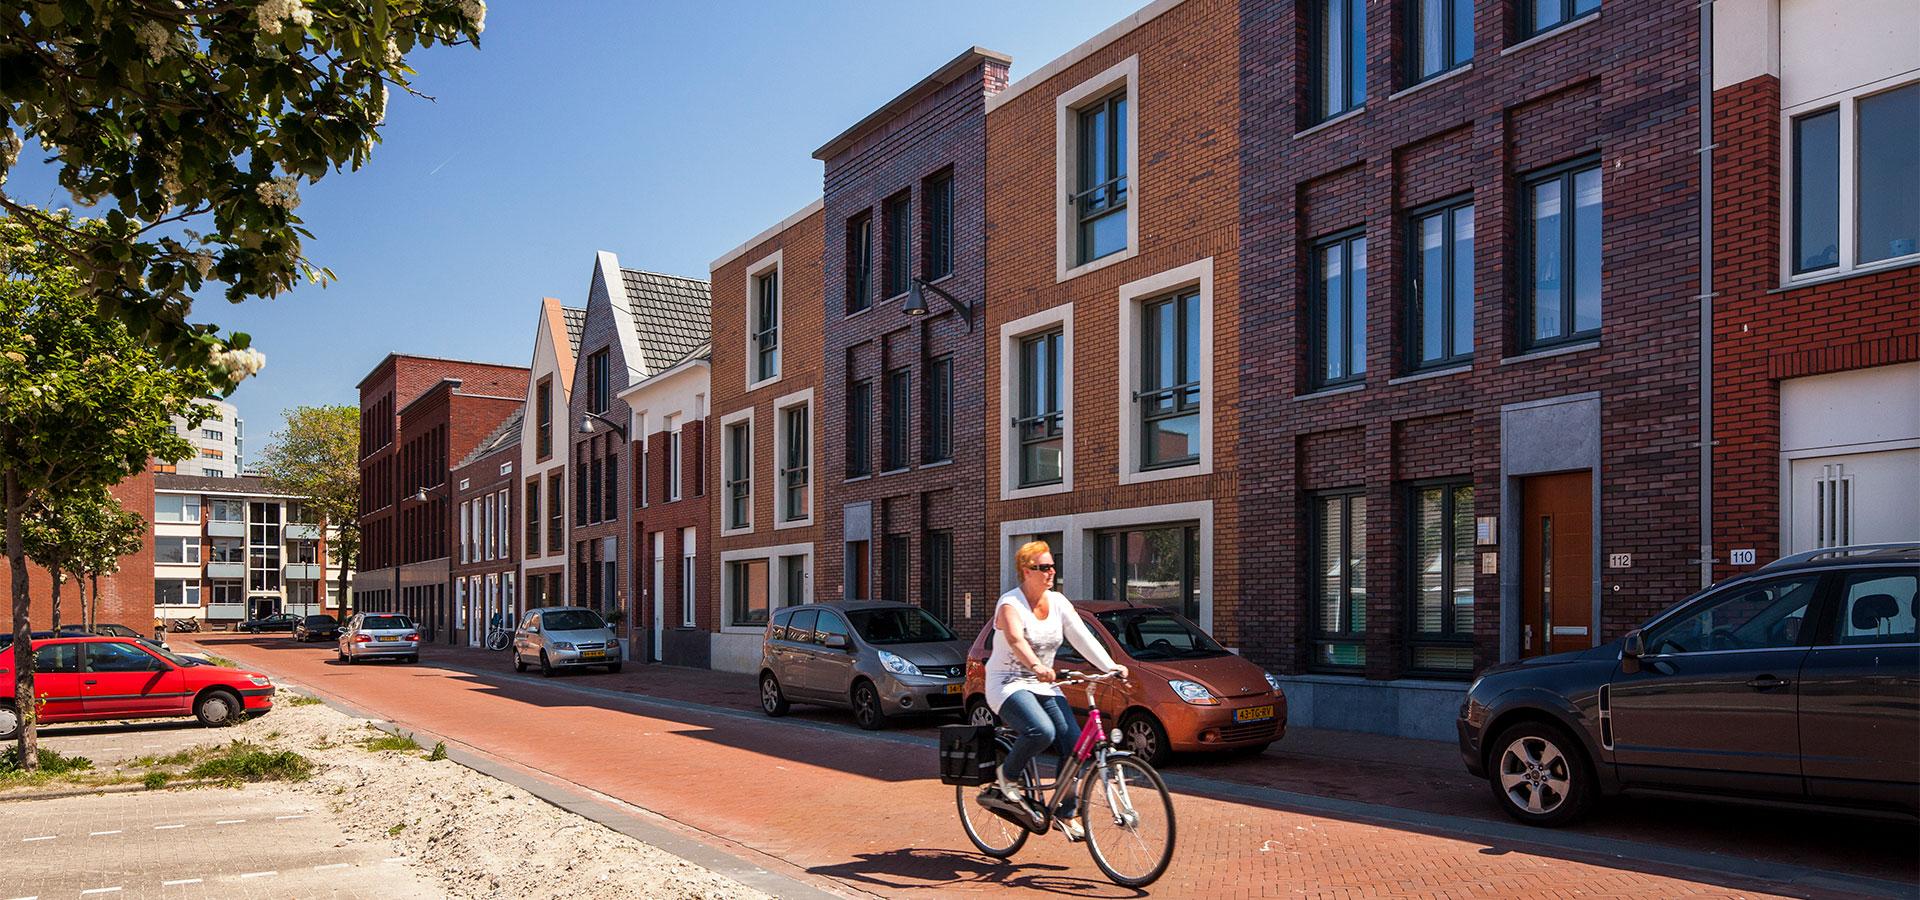 FARO architecten herstructurering Oud IJmuiden 03